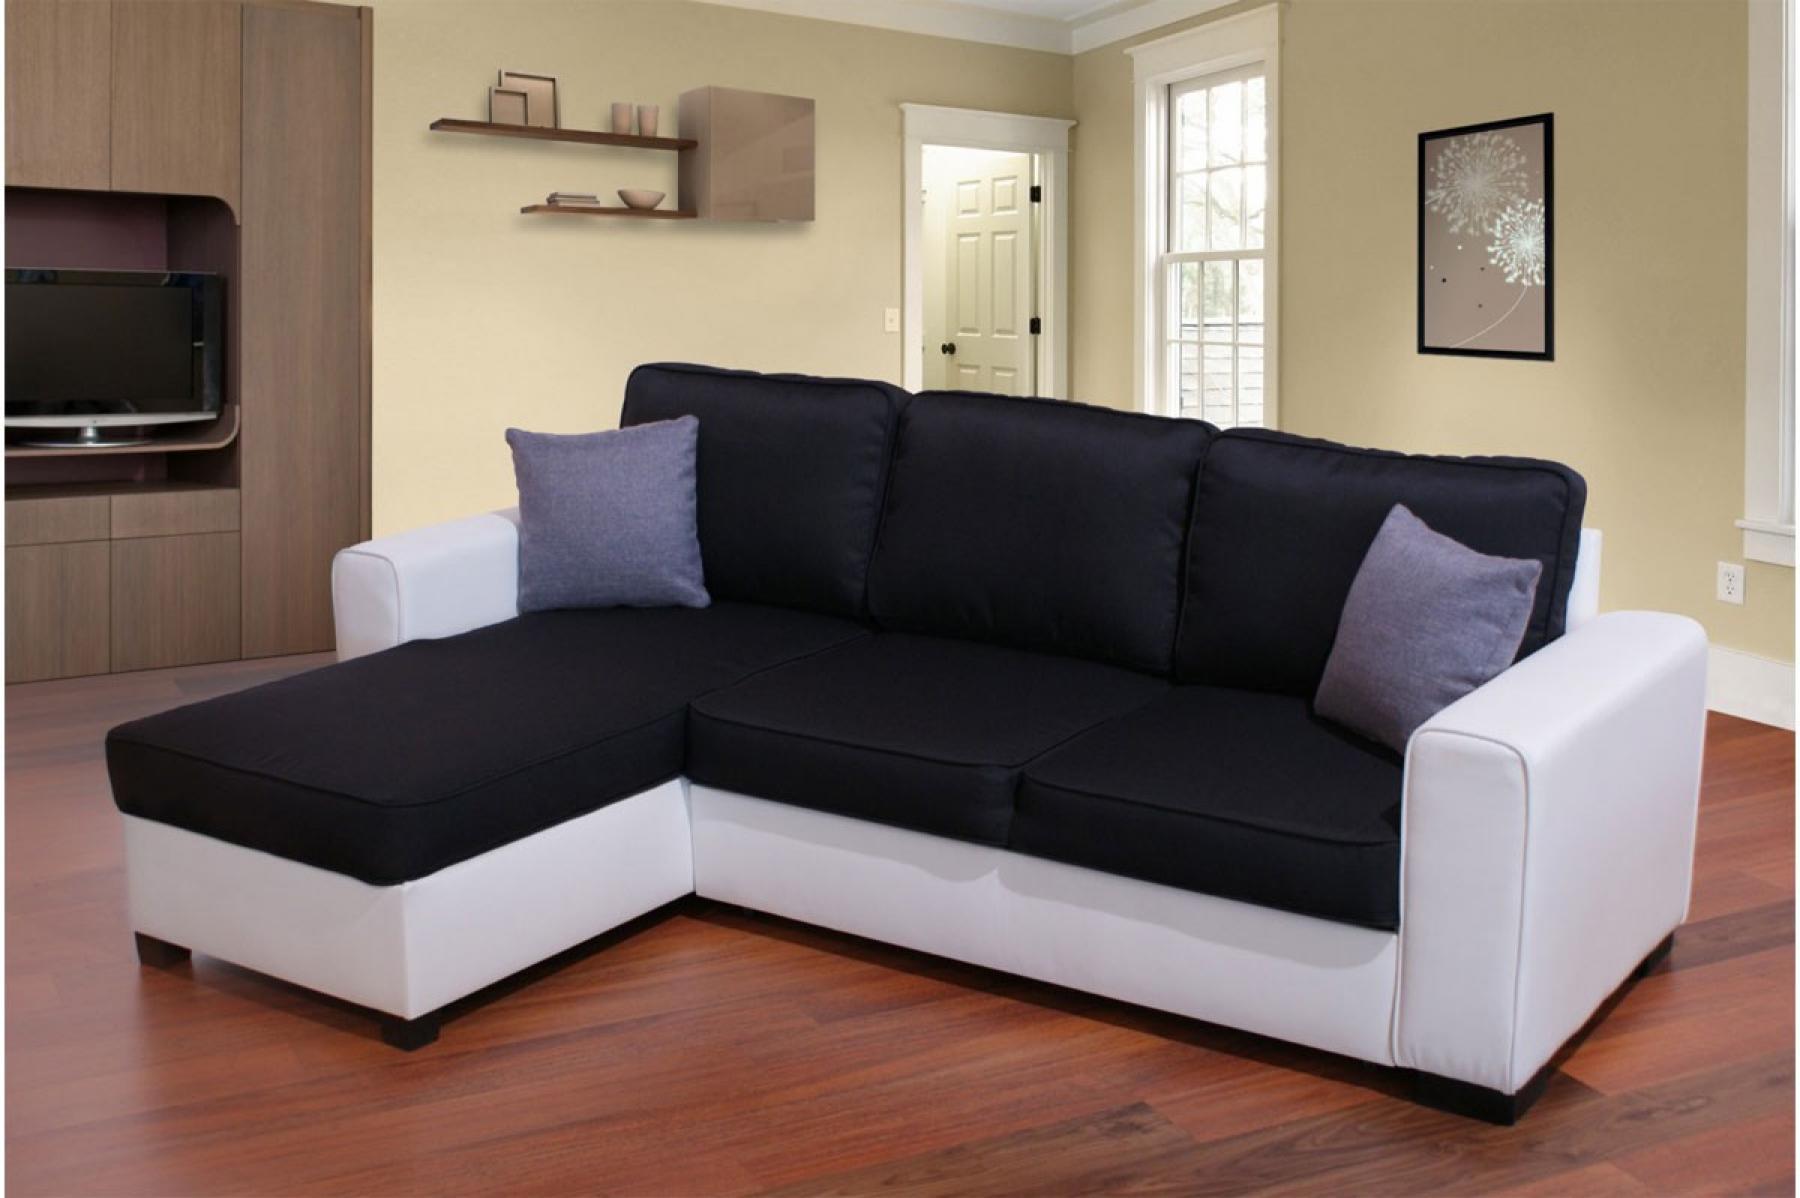 photos canap noir et blanc simili cuir. Black Bedroom Furniture Sets. Home Design Ideas